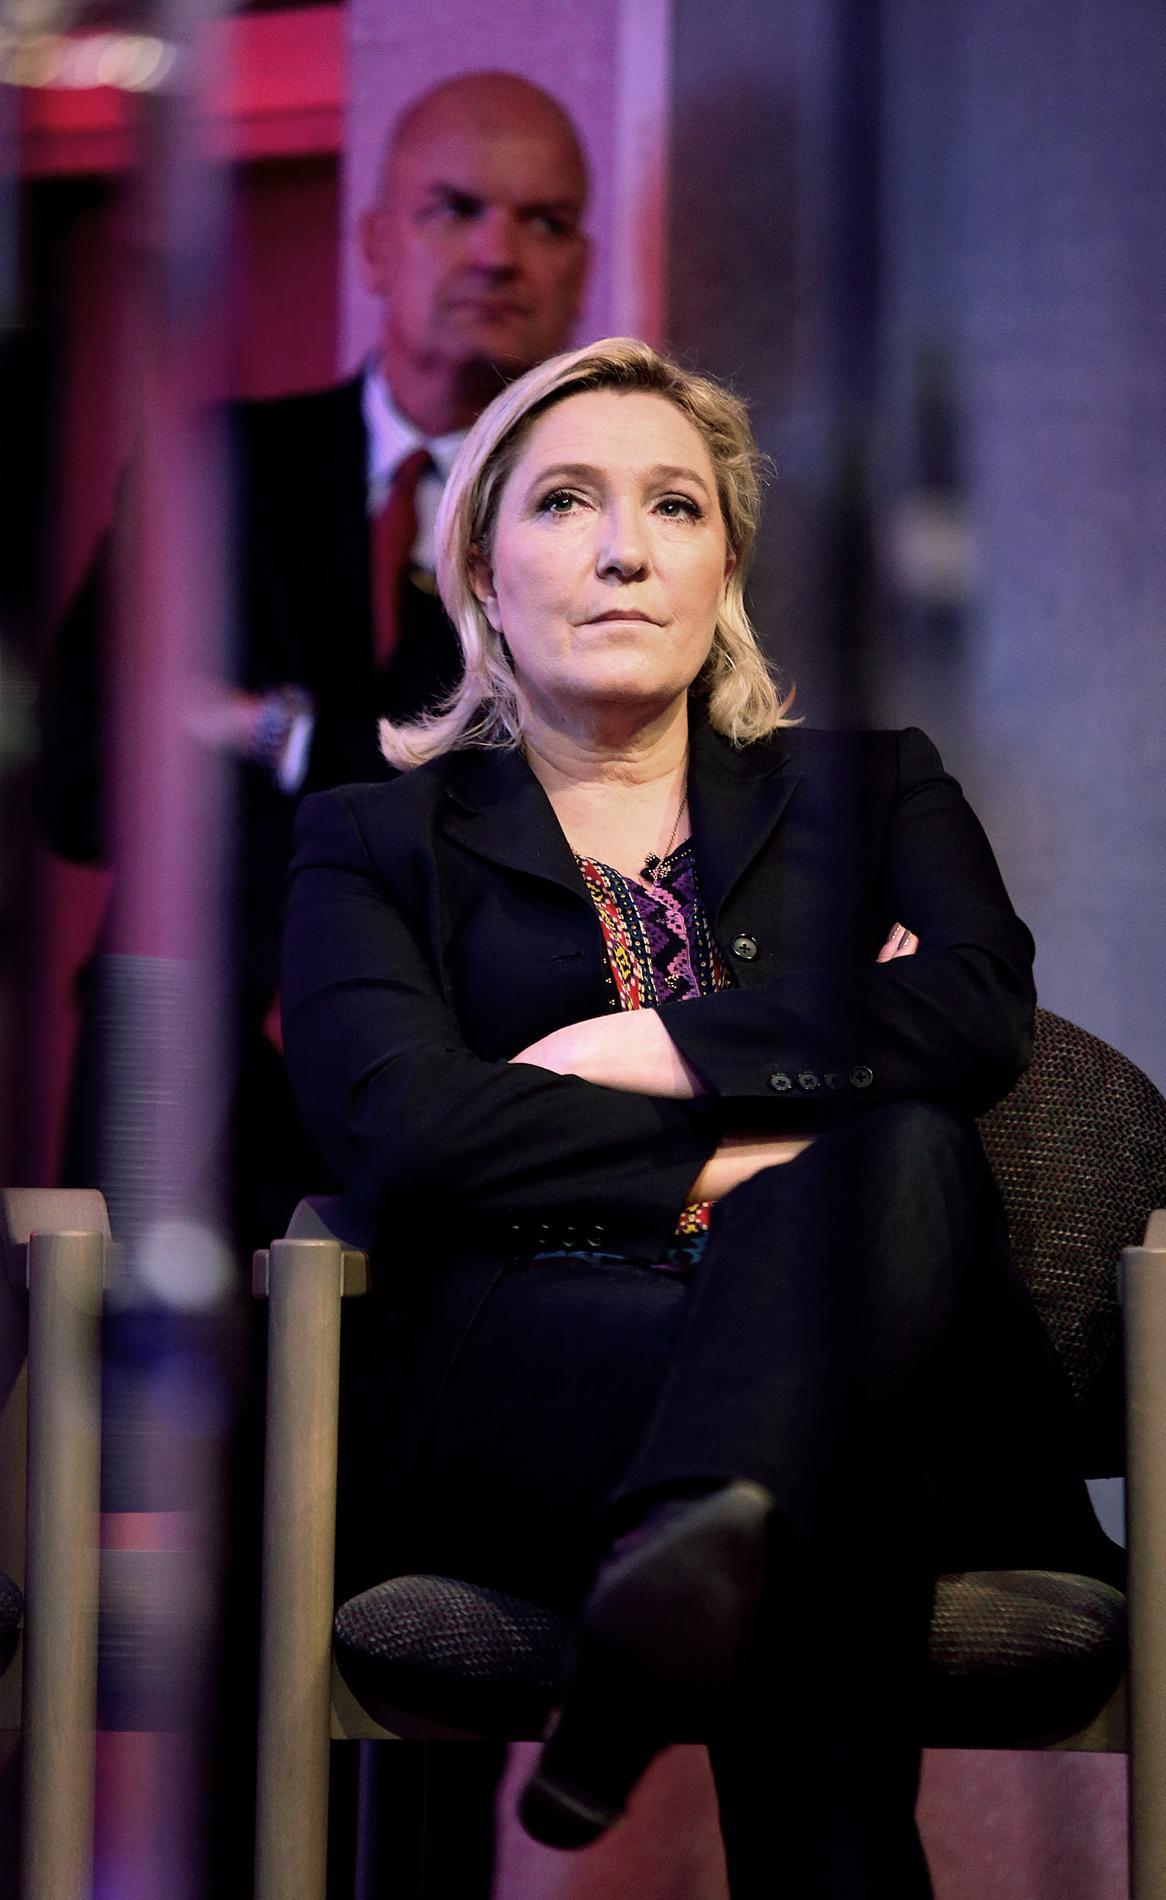 Front National Femme Au Foyer : Yvette roudy le programme du fn marque la quot fin de l ivg